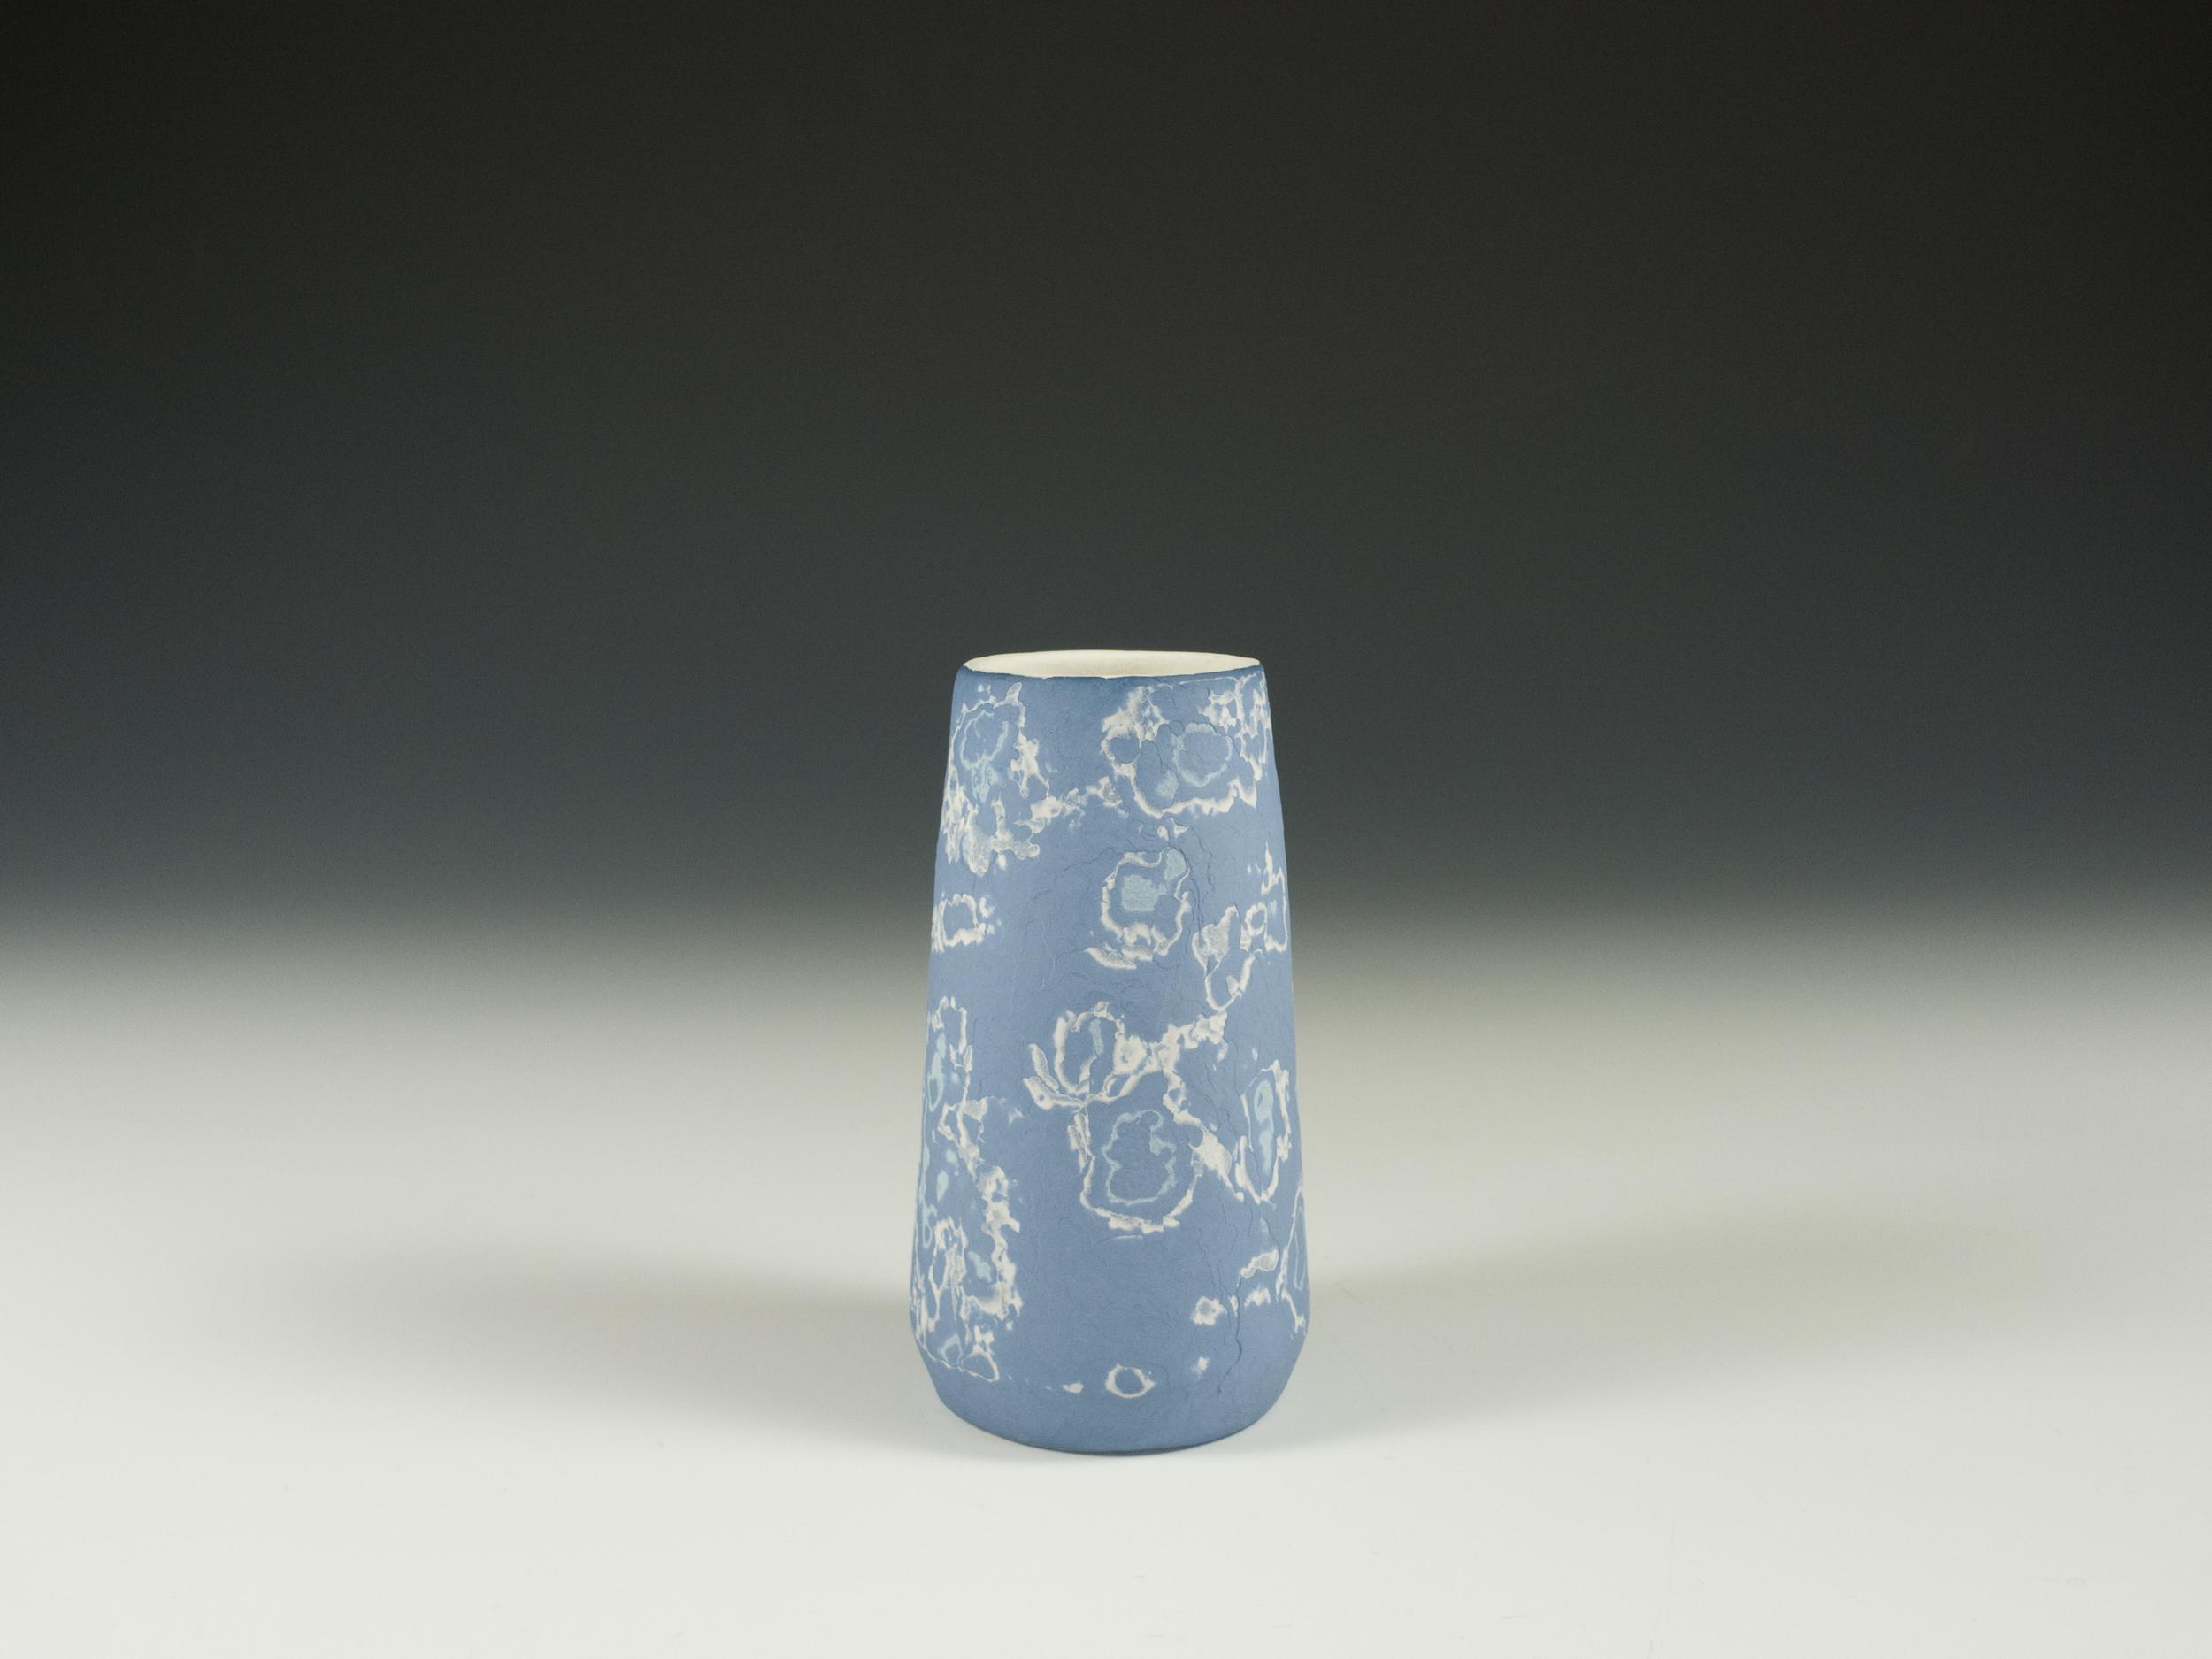 Conical vase - blue - image 2.jpg